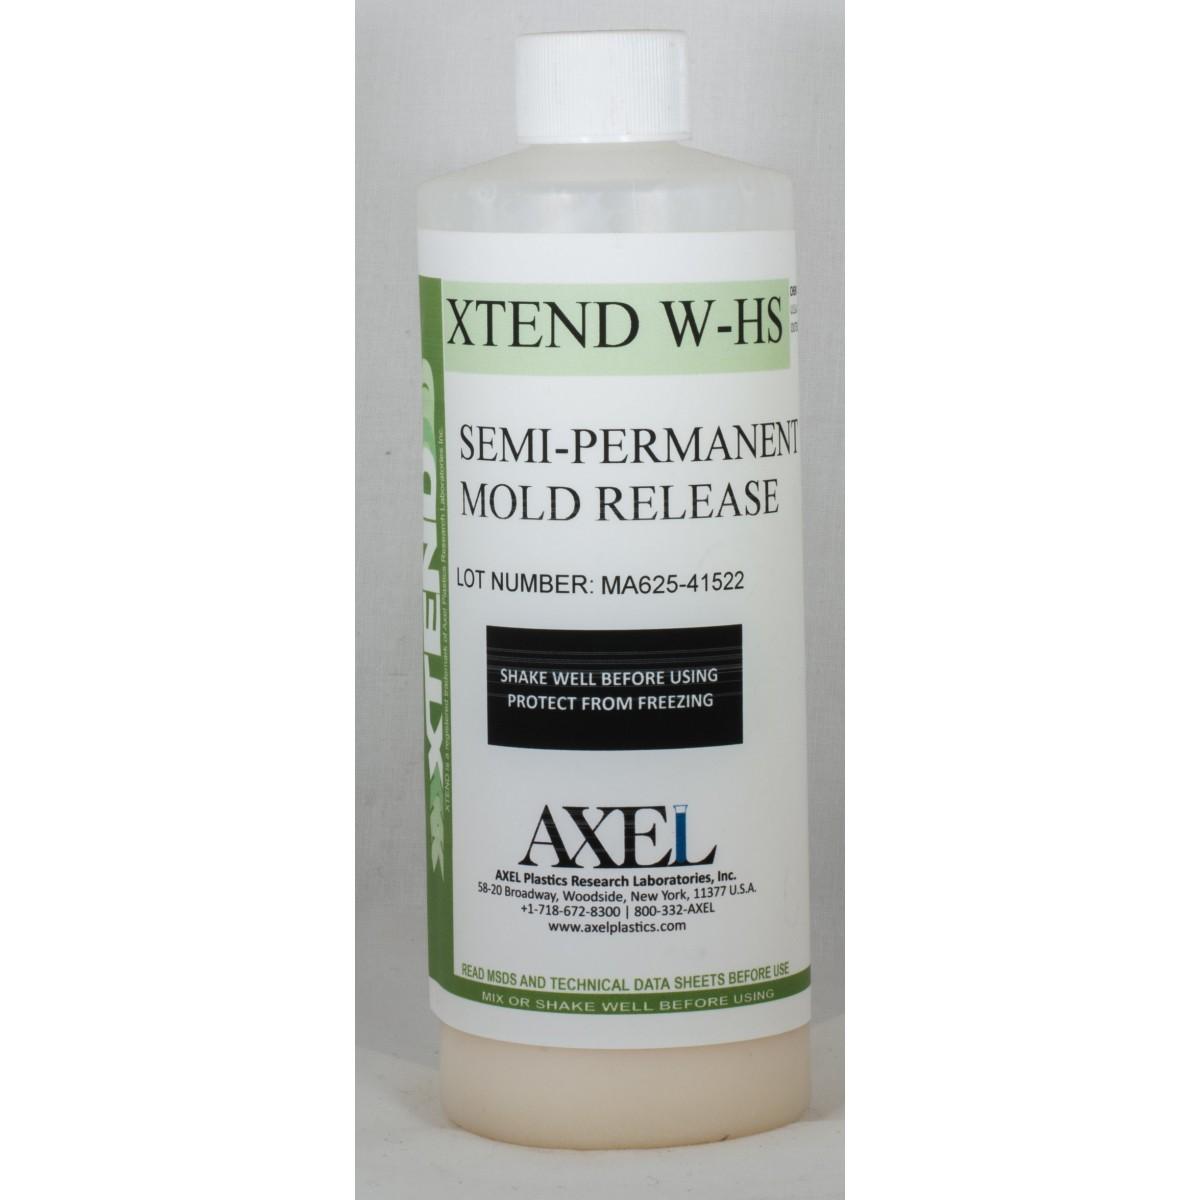 Axel XTEND W-HS-31